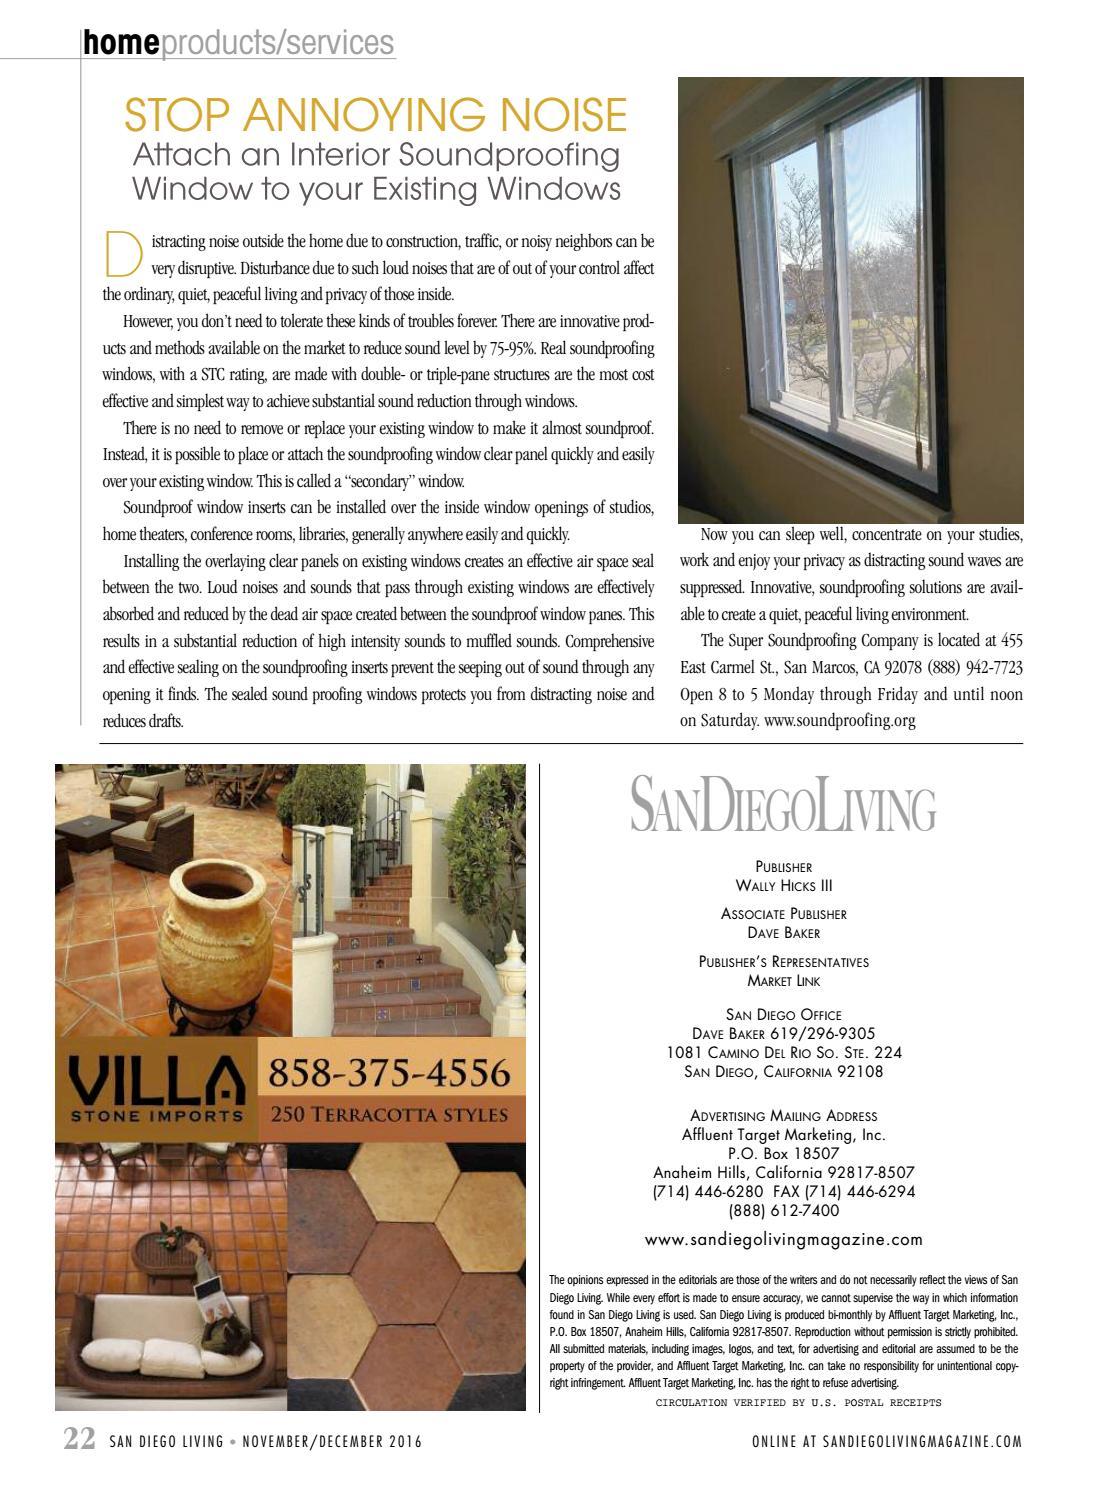 San Diego Living September/October 2013 by Affluent Target